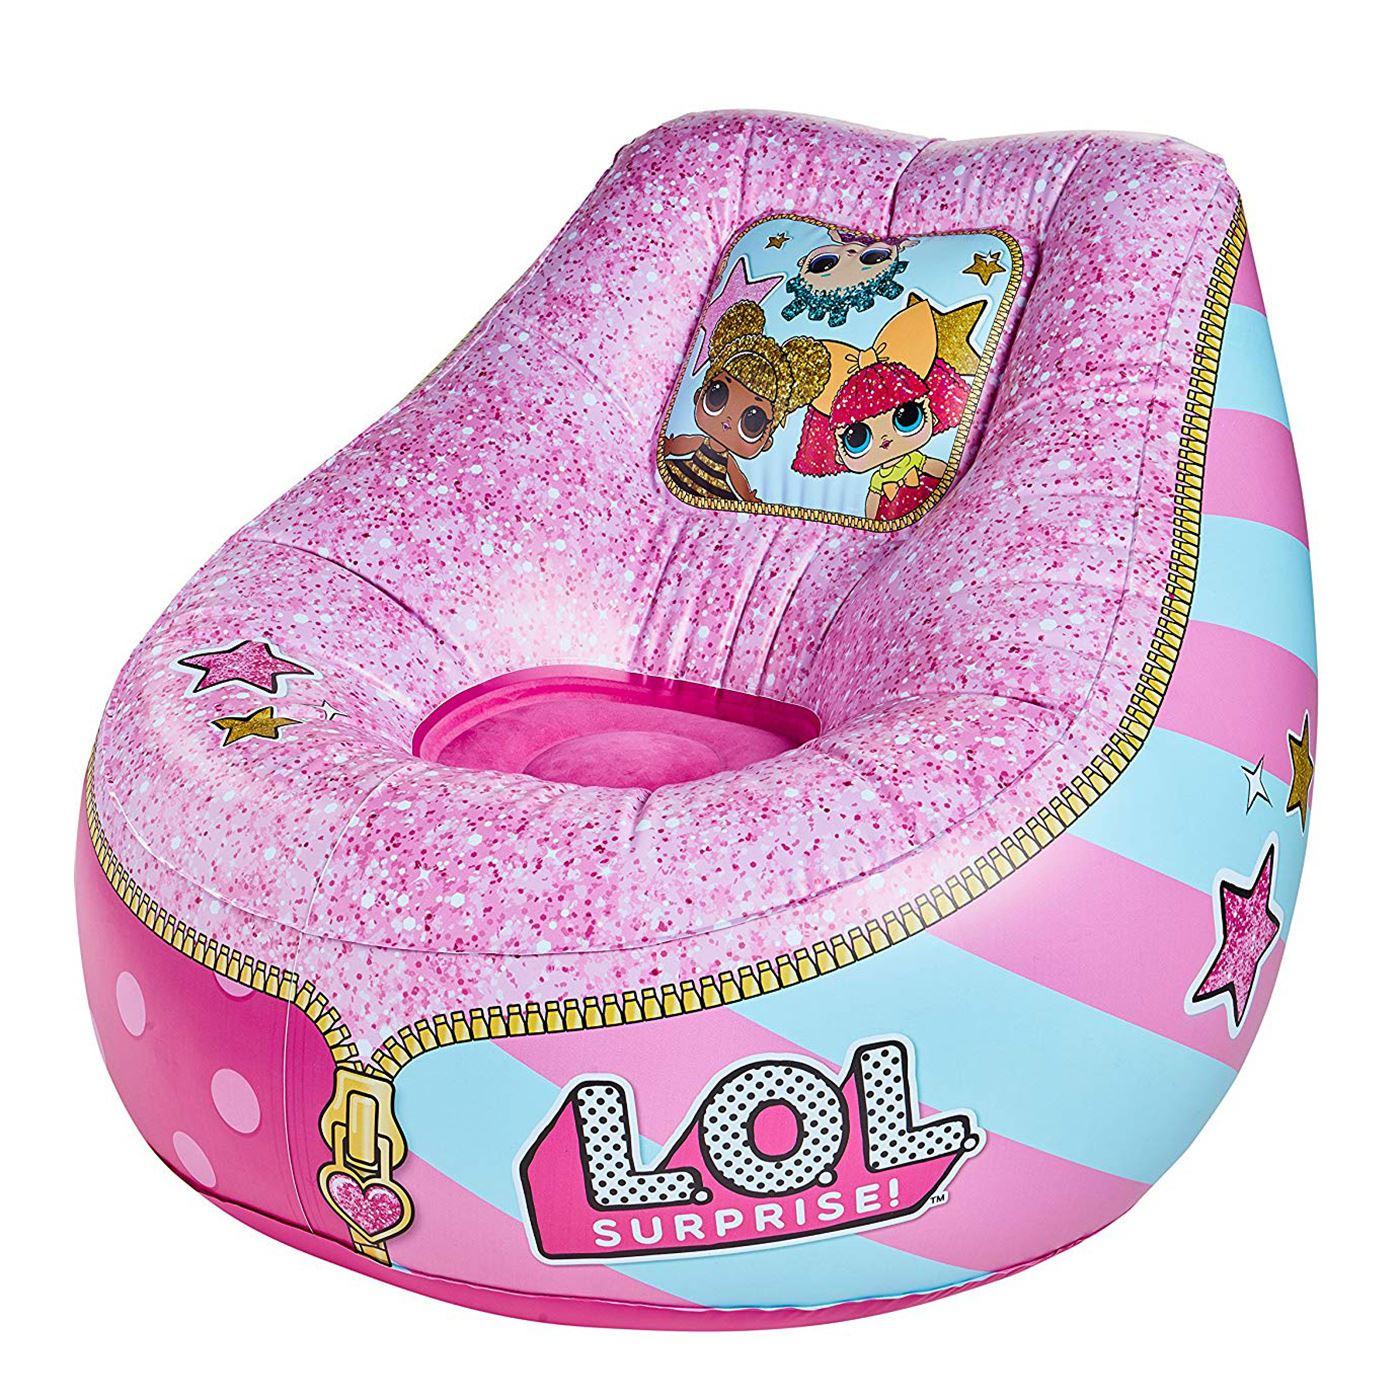 Indexbild 4 - Kinder Aufblasbarer Sessel - PAW PATROL, My LIttle Pony, Star Wars, Toy Story